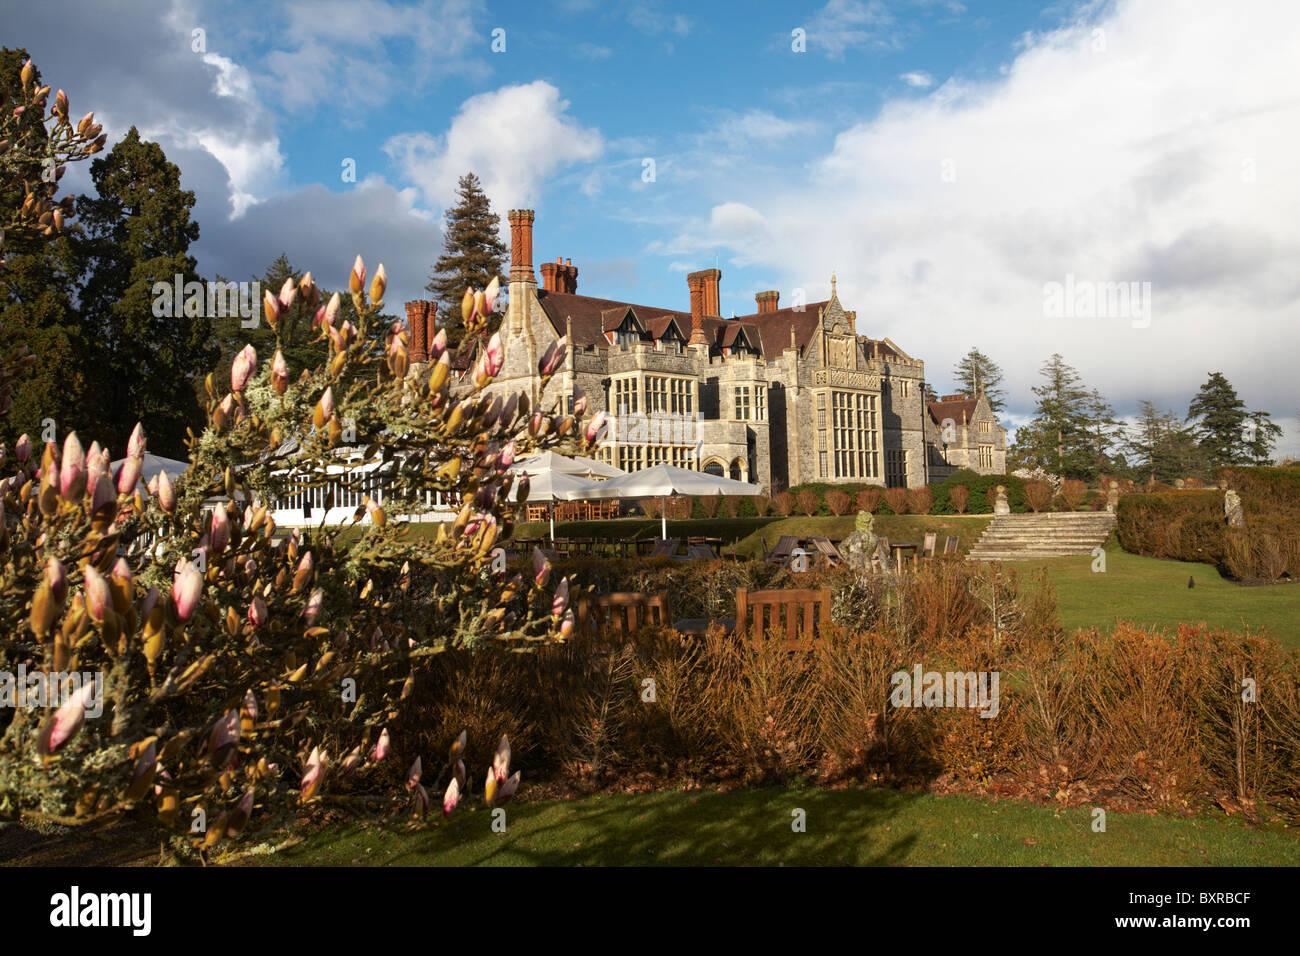 Rhinefield House Hotel And Gardens Brockenhurst The New